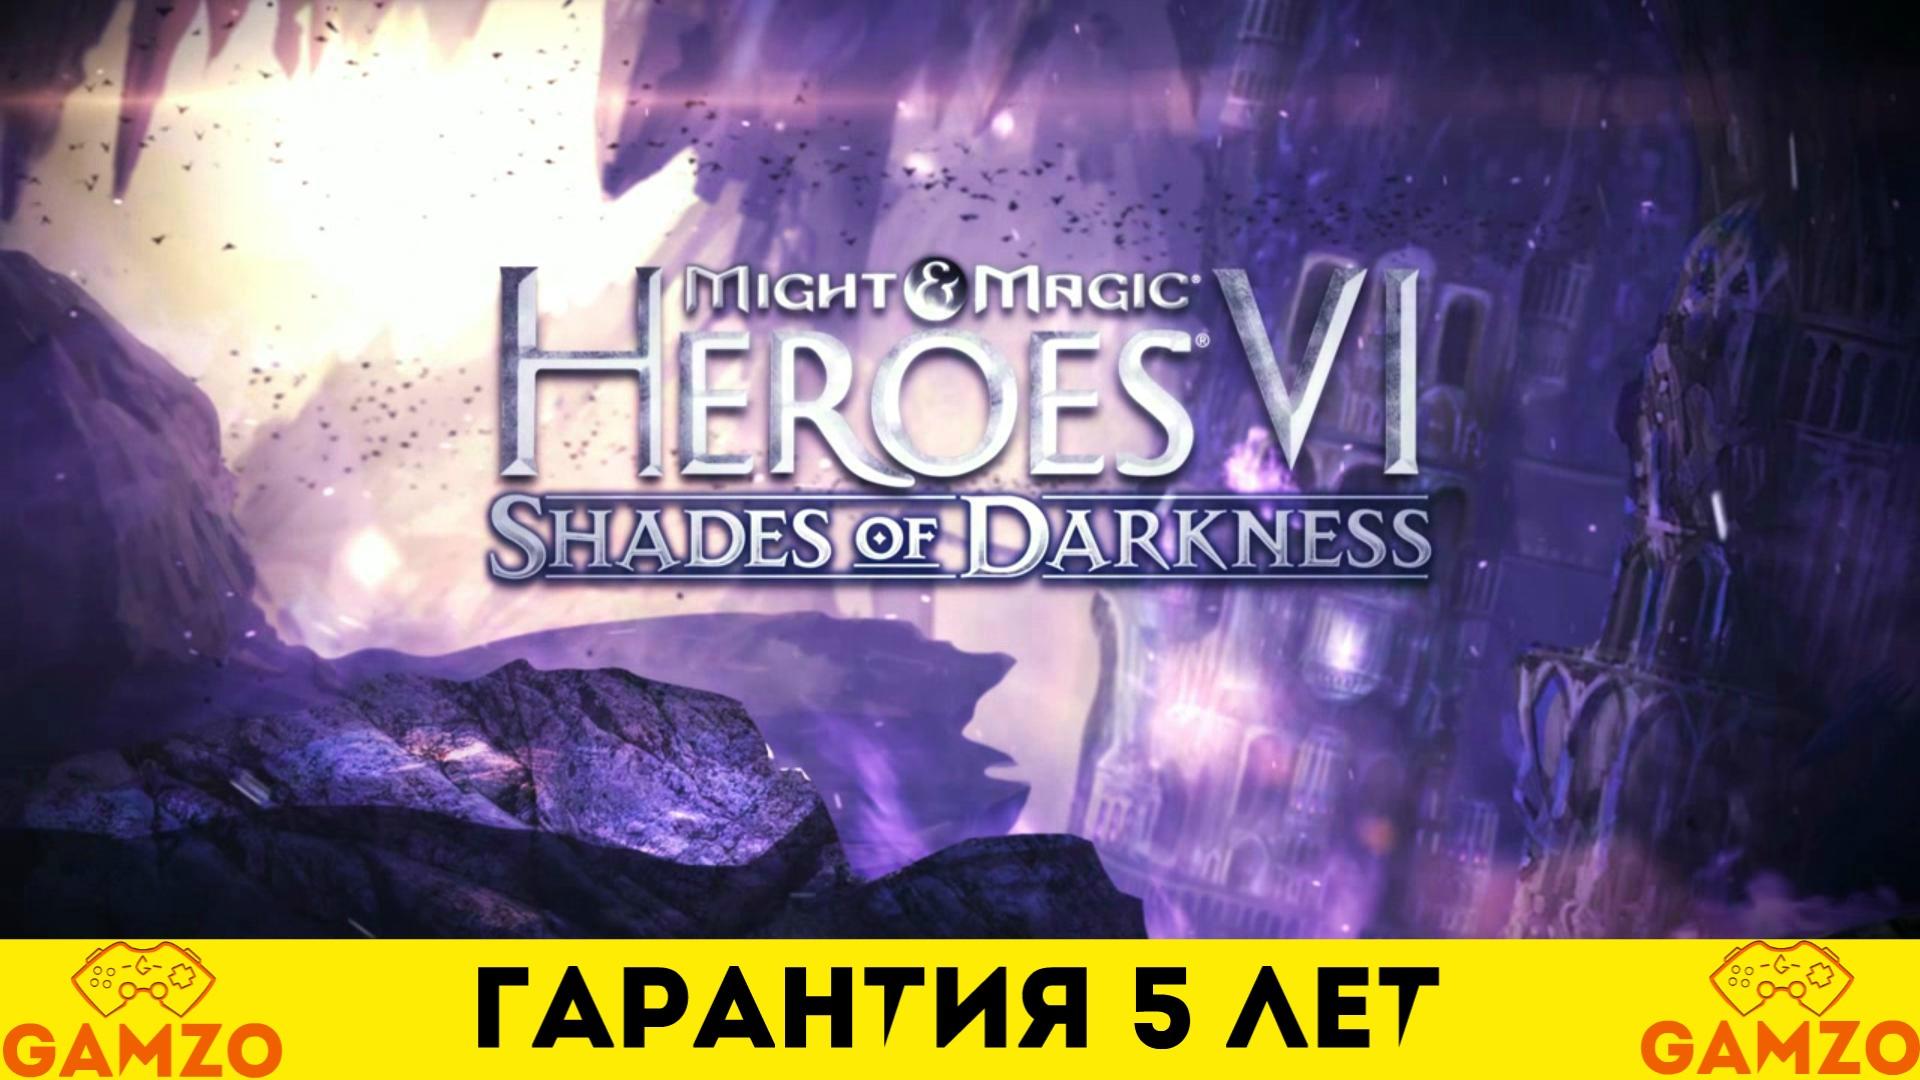 M & M Heroes VI: Shades of Darkness [Гарантия 5 лет]